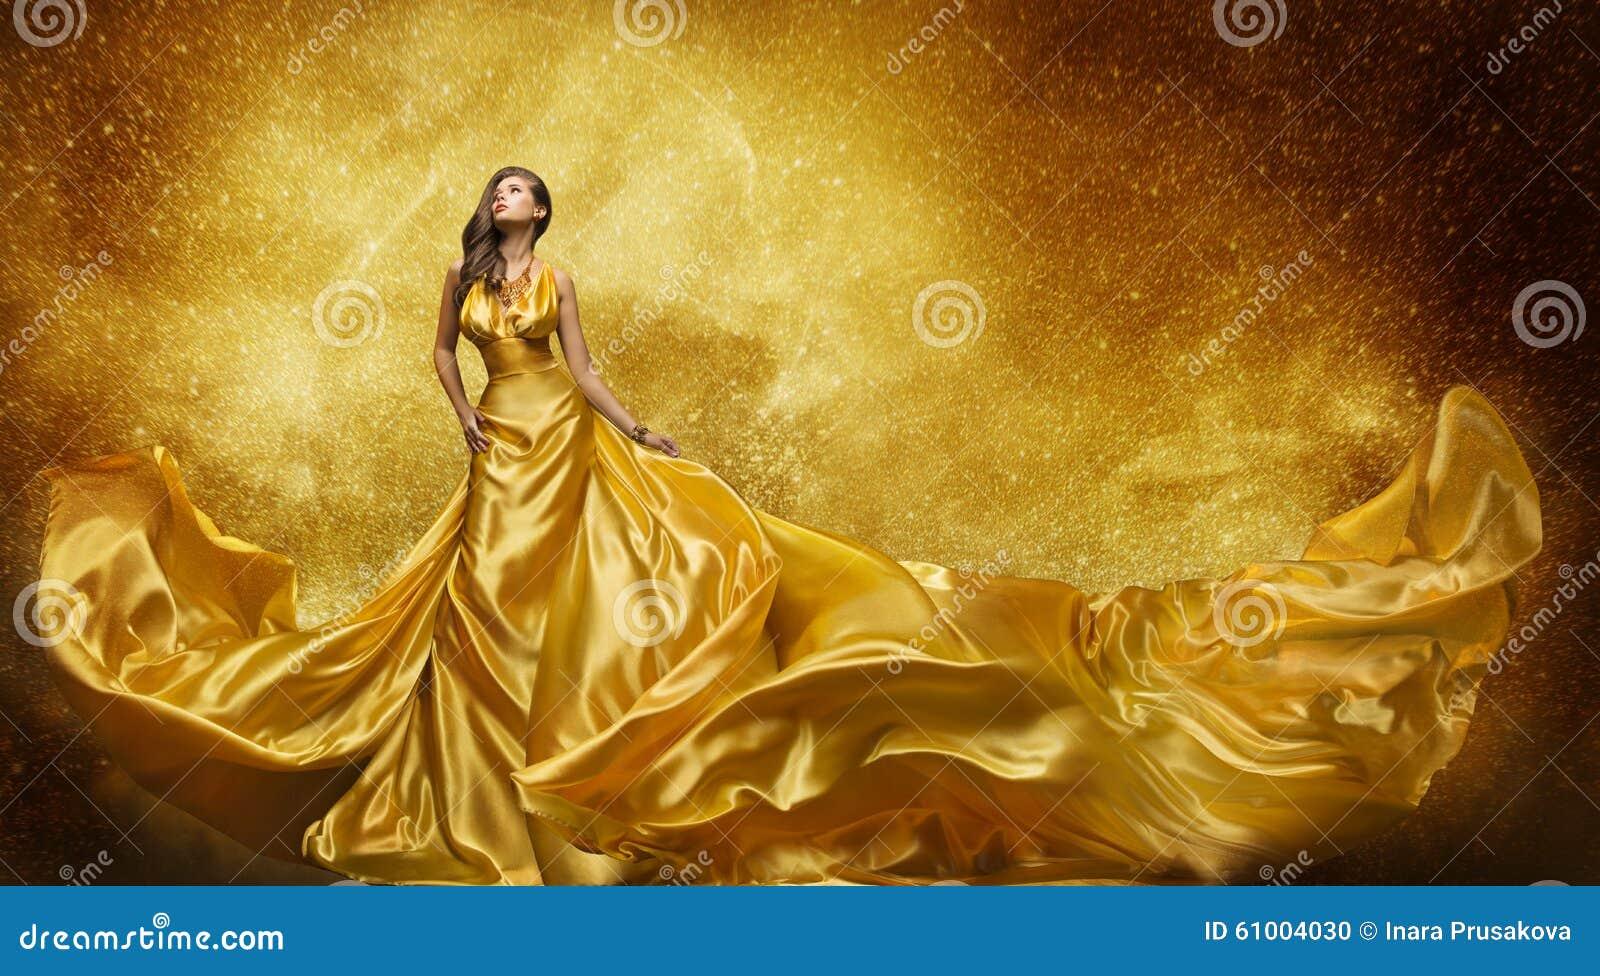 Modelo de moda del oro Dress, tela que fluye del vestido de seda de oro de la mujer